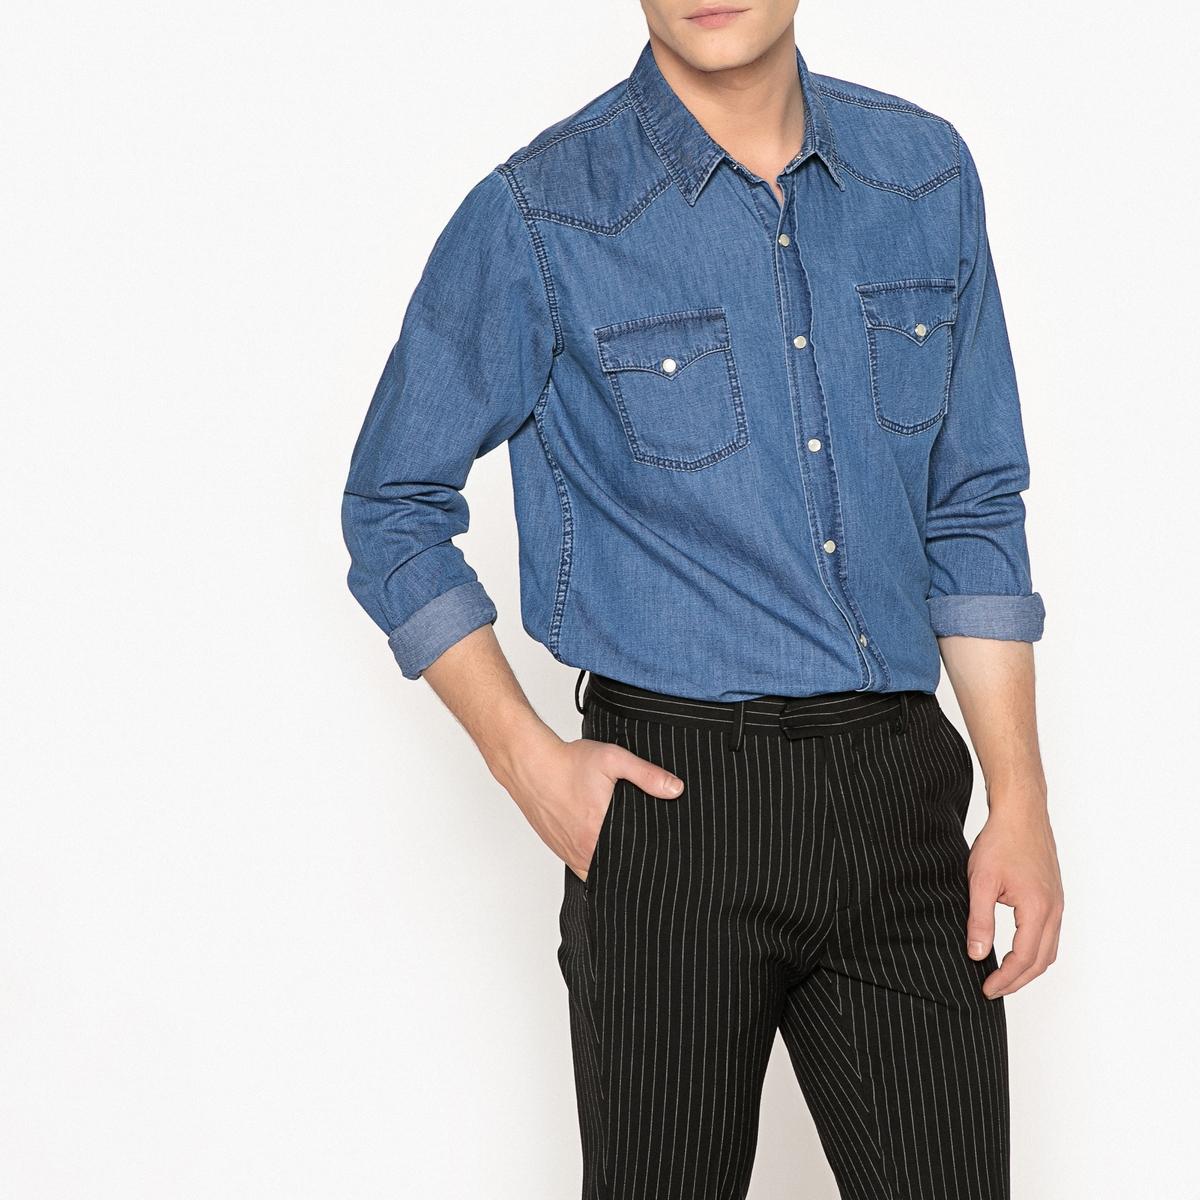 Рубашка джинсовая прямого покрояОписание:Детали •  Длинные рукава •  Прямой покрой • Классический воротникСостав и уход •  100% хлопок •  Температура стирки 30° •  Сухая чистка и отбеливание запрещены •  Не использовать барабанную сушку • Средняя температура глажки  •  Длина : 77 см<br><br>Цвет: синий потертый